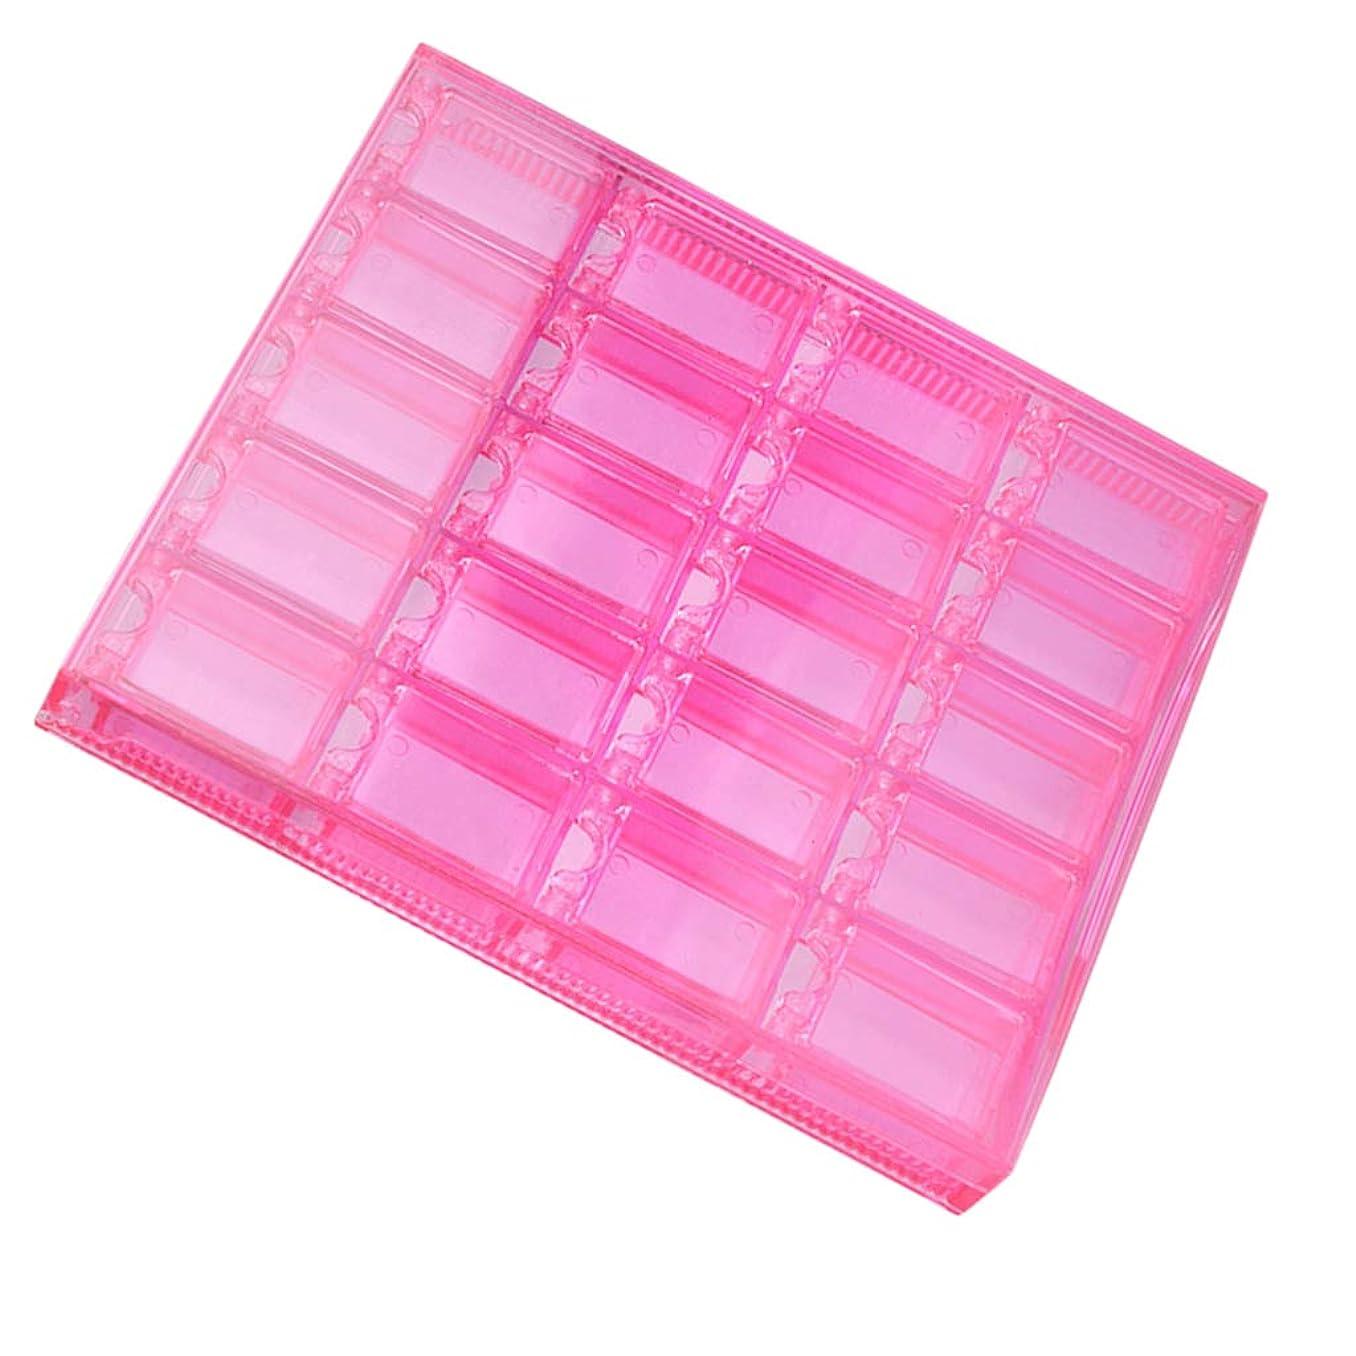 静けさ襲撃エアコンPerfeclan ネイル収納ケース 仕切りボックス 収納ボックス ジュエリー ラインストーン ビーズ 小物入れ 収納ケース 2色 - ピンク